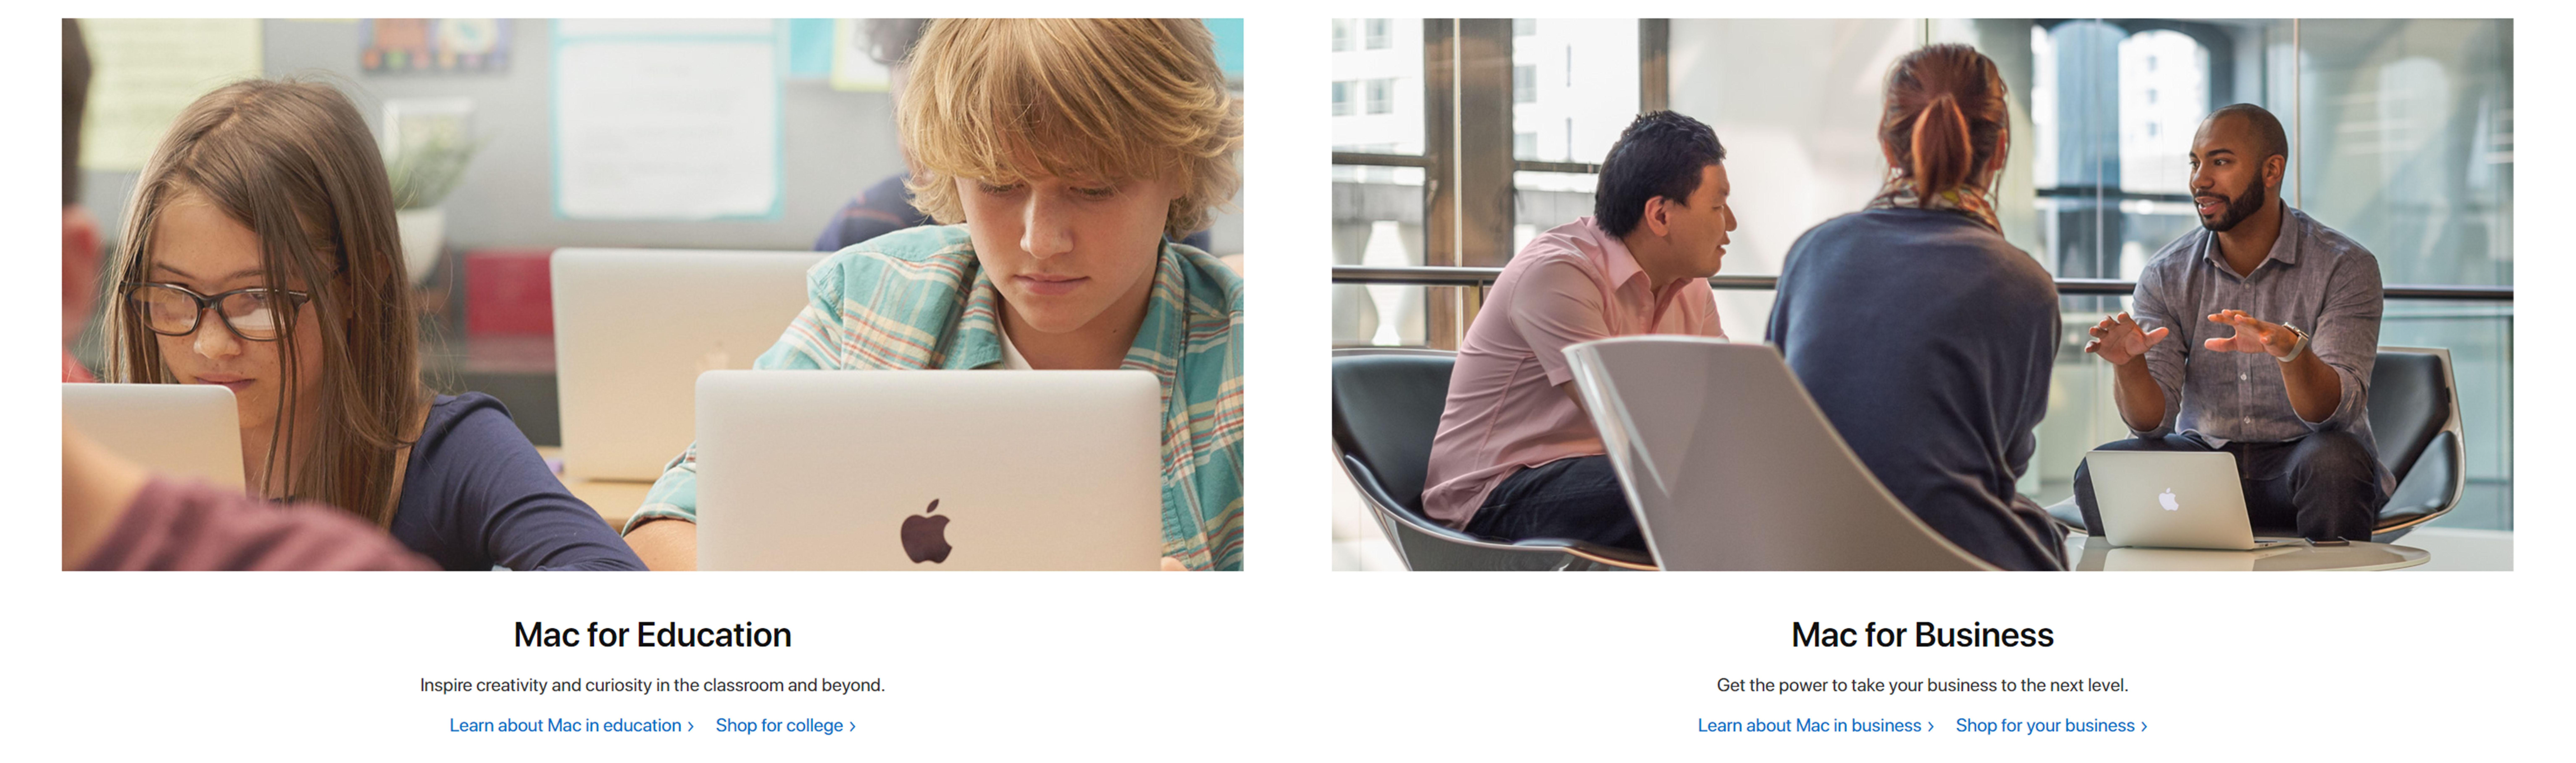 Apple's Buckets